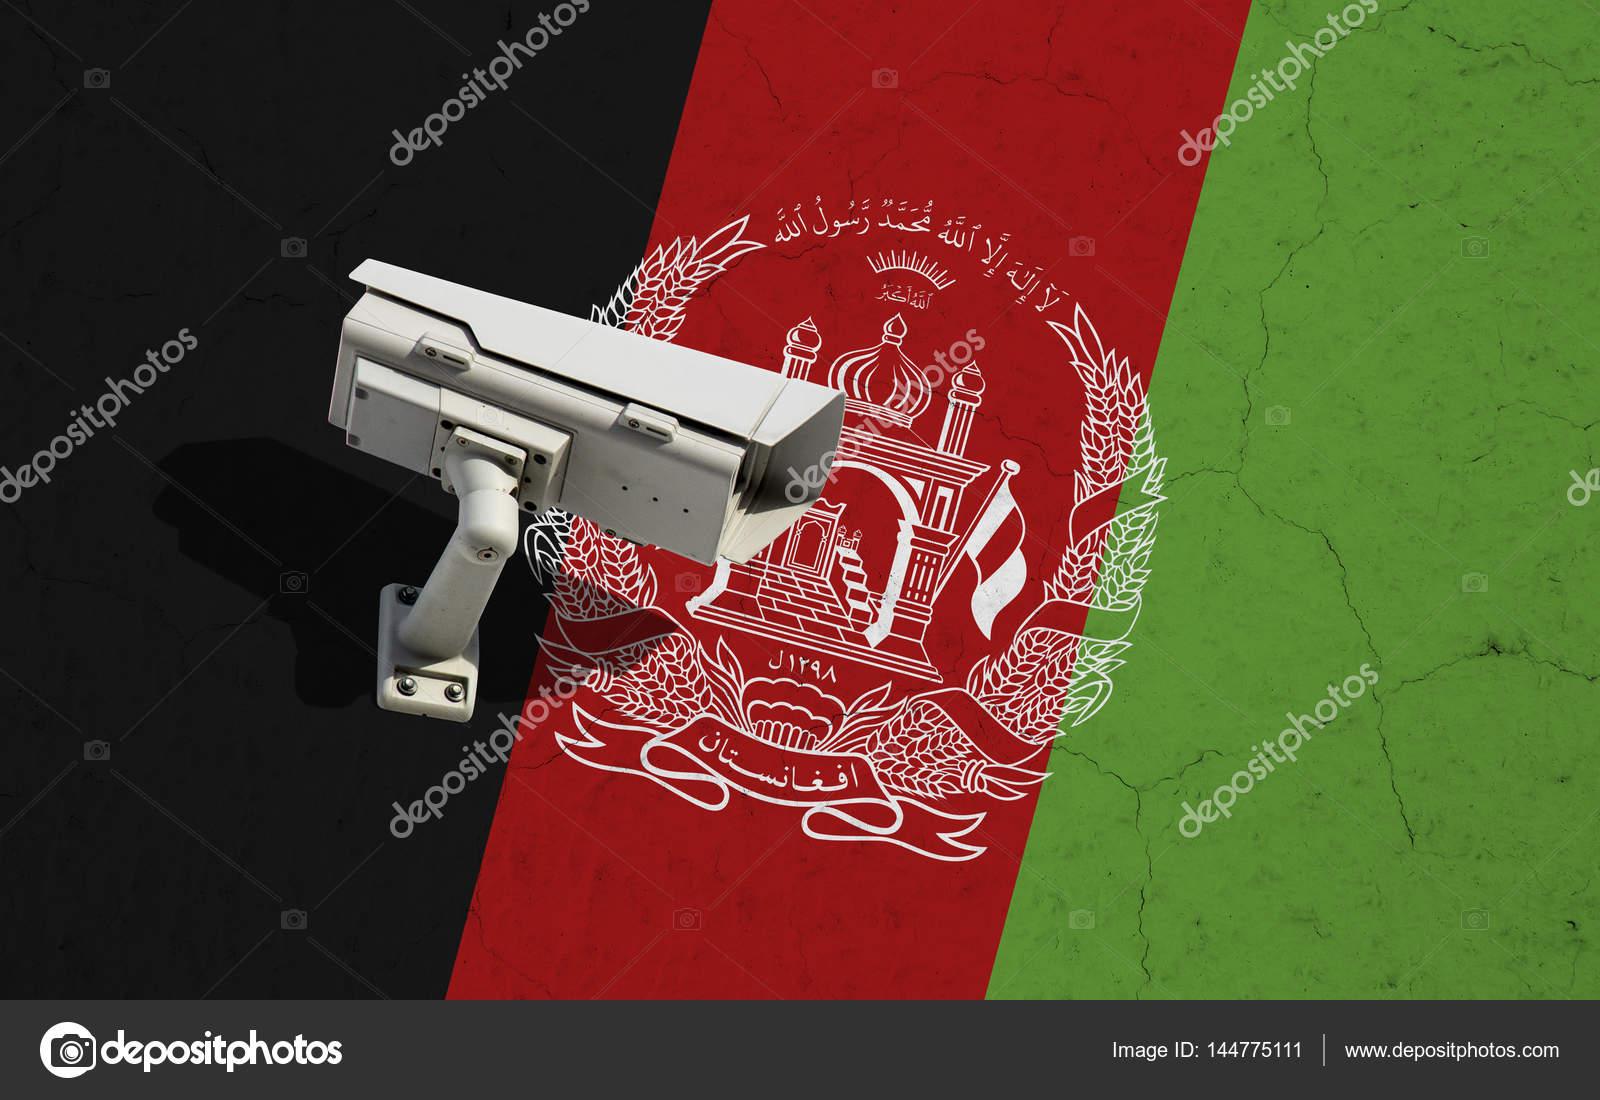 CCTV cámara de seguridad en el fondo de la bandera de Afganistán en ...